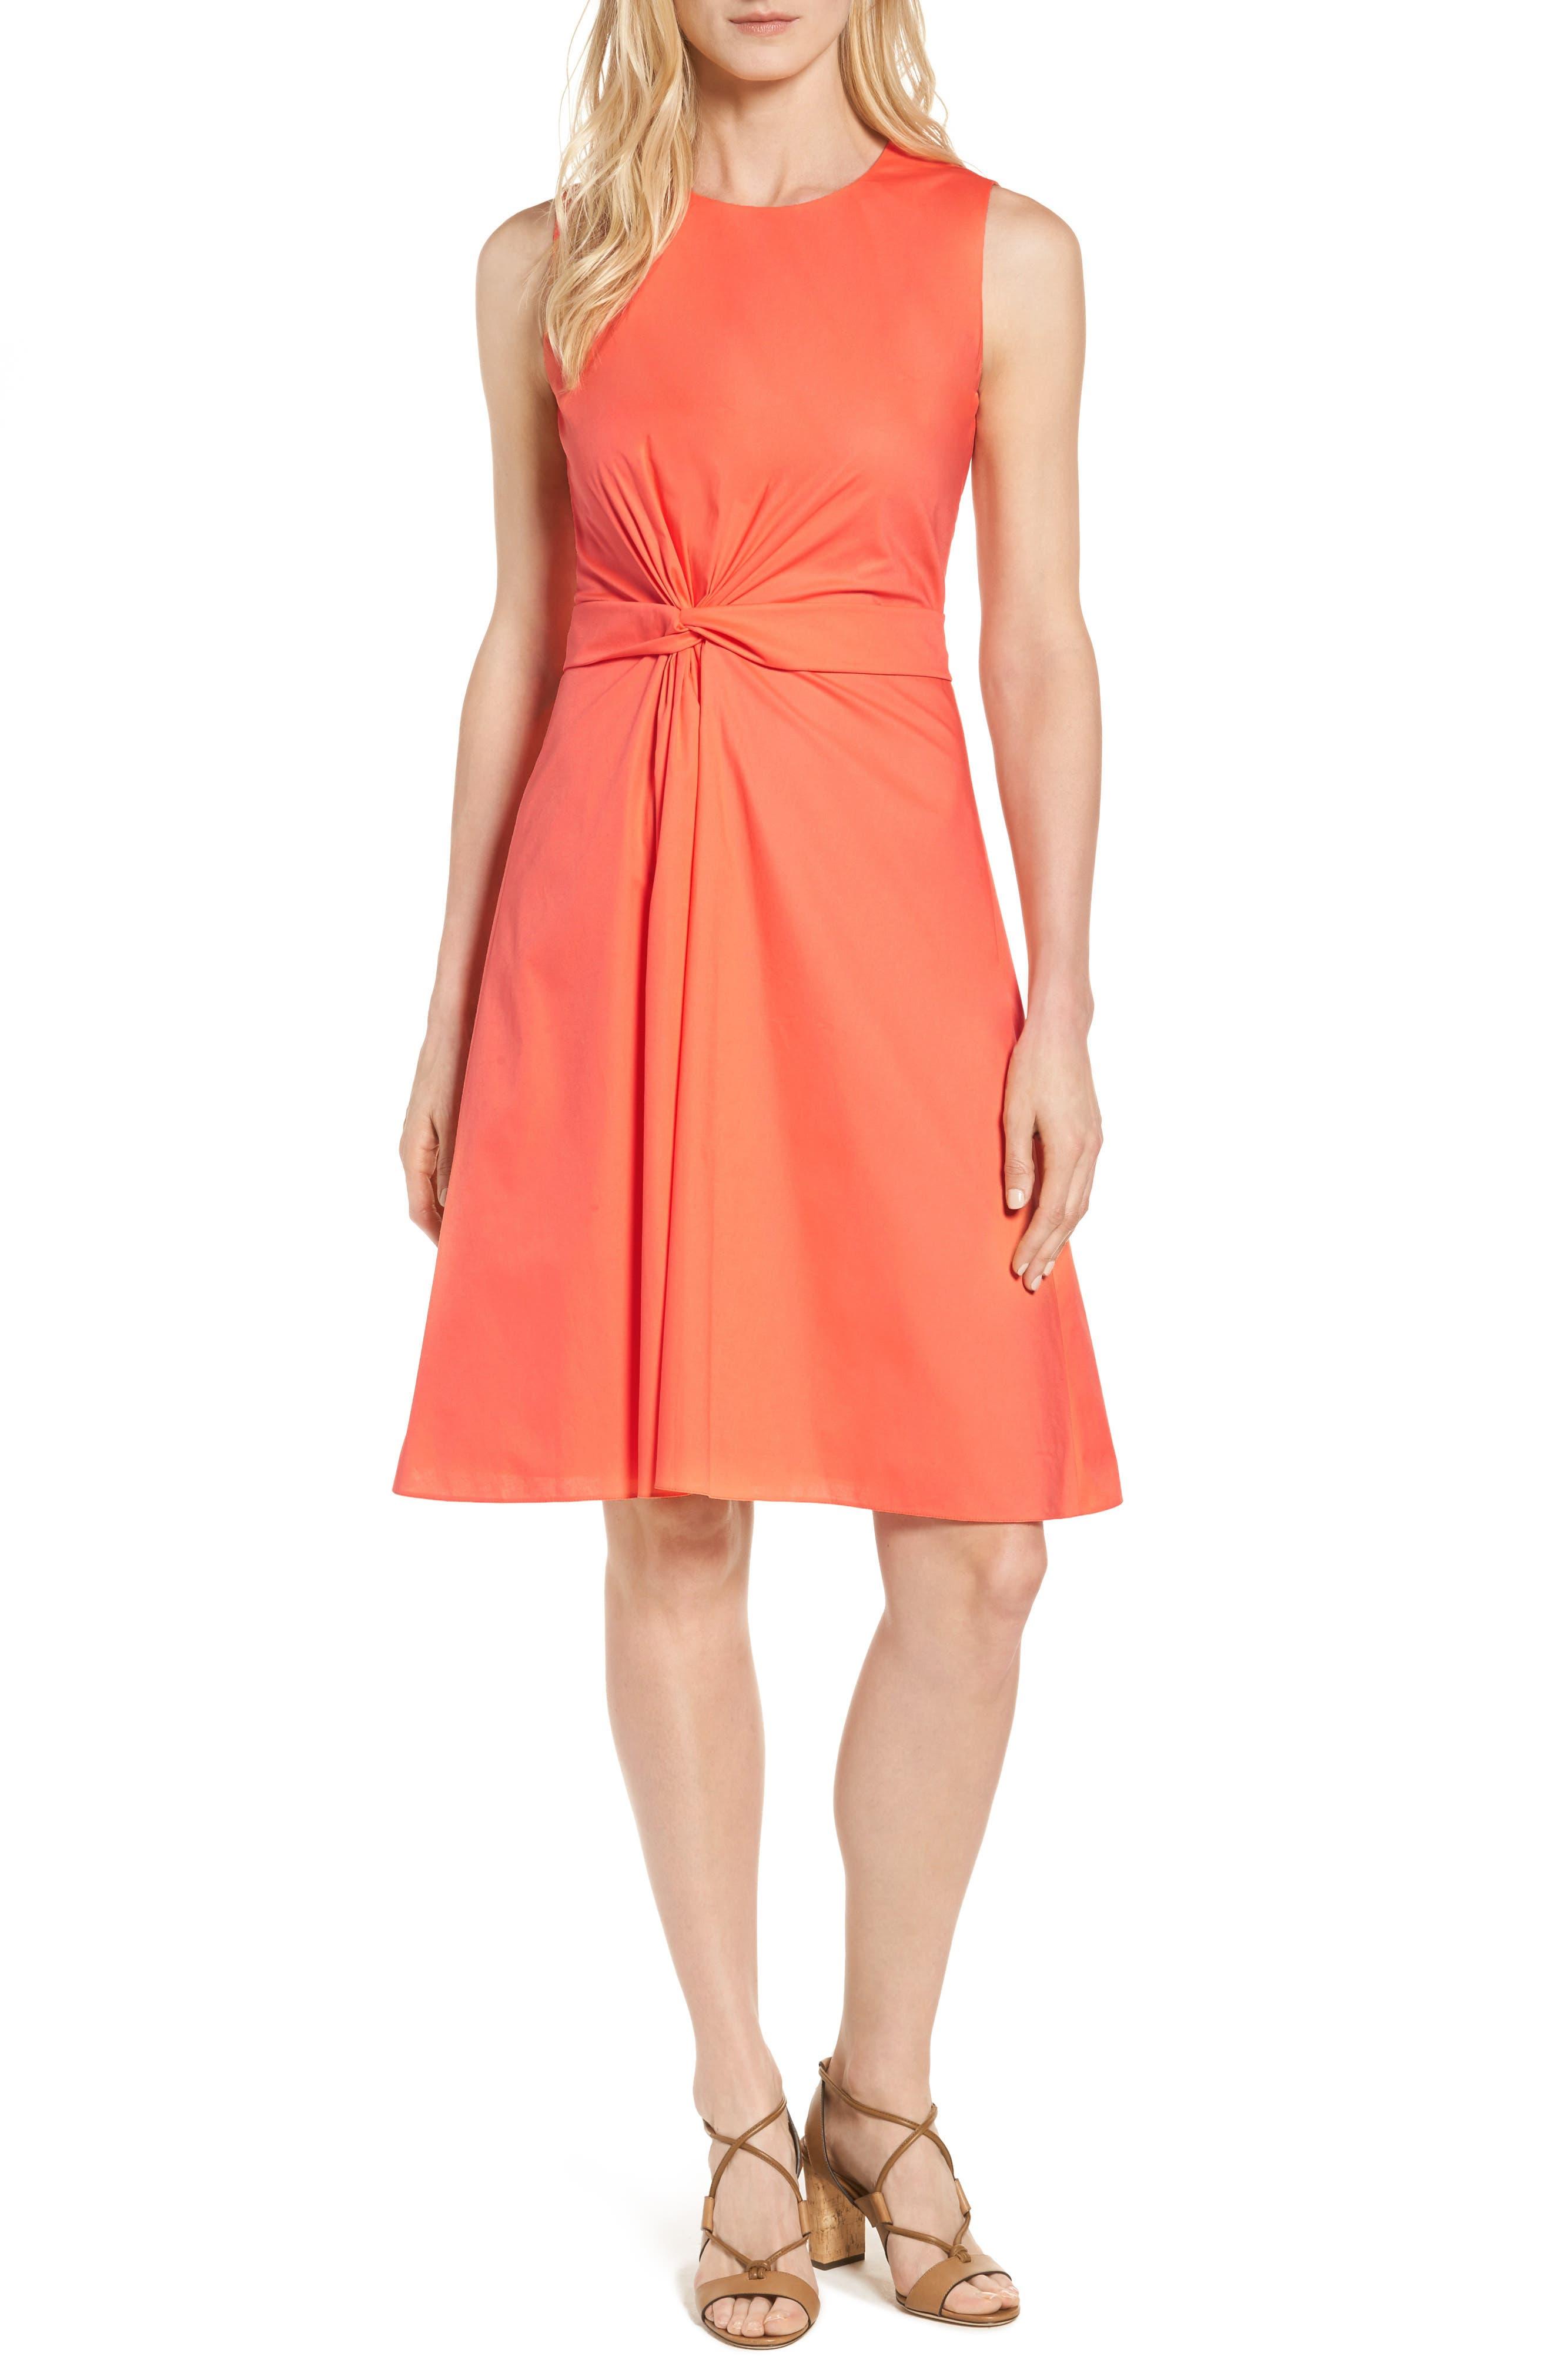 BOSS Digiana Front Twist Poplin Fit & Flare Dress